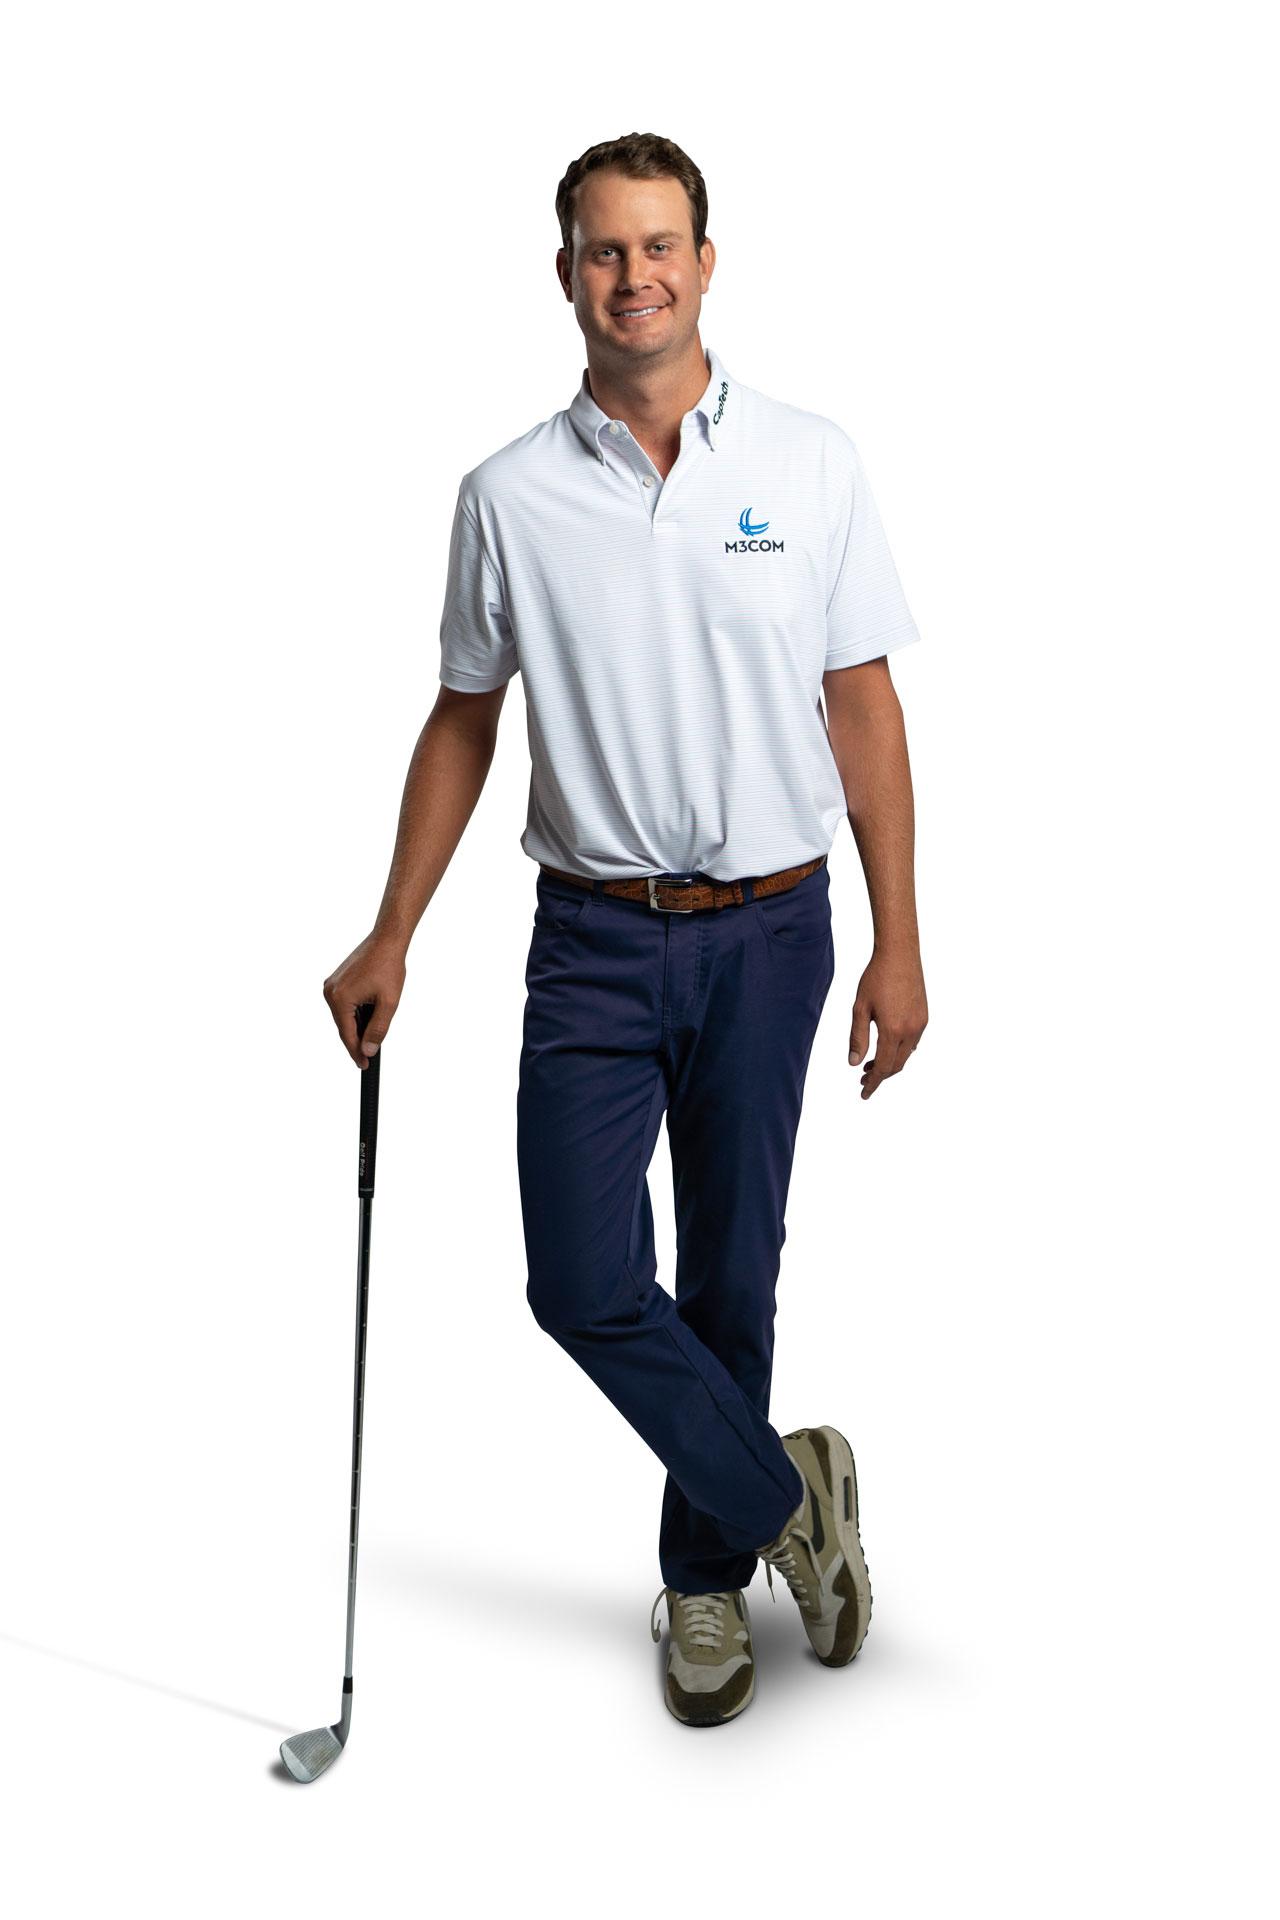 Harris English M3COM PGA Pro Full Body